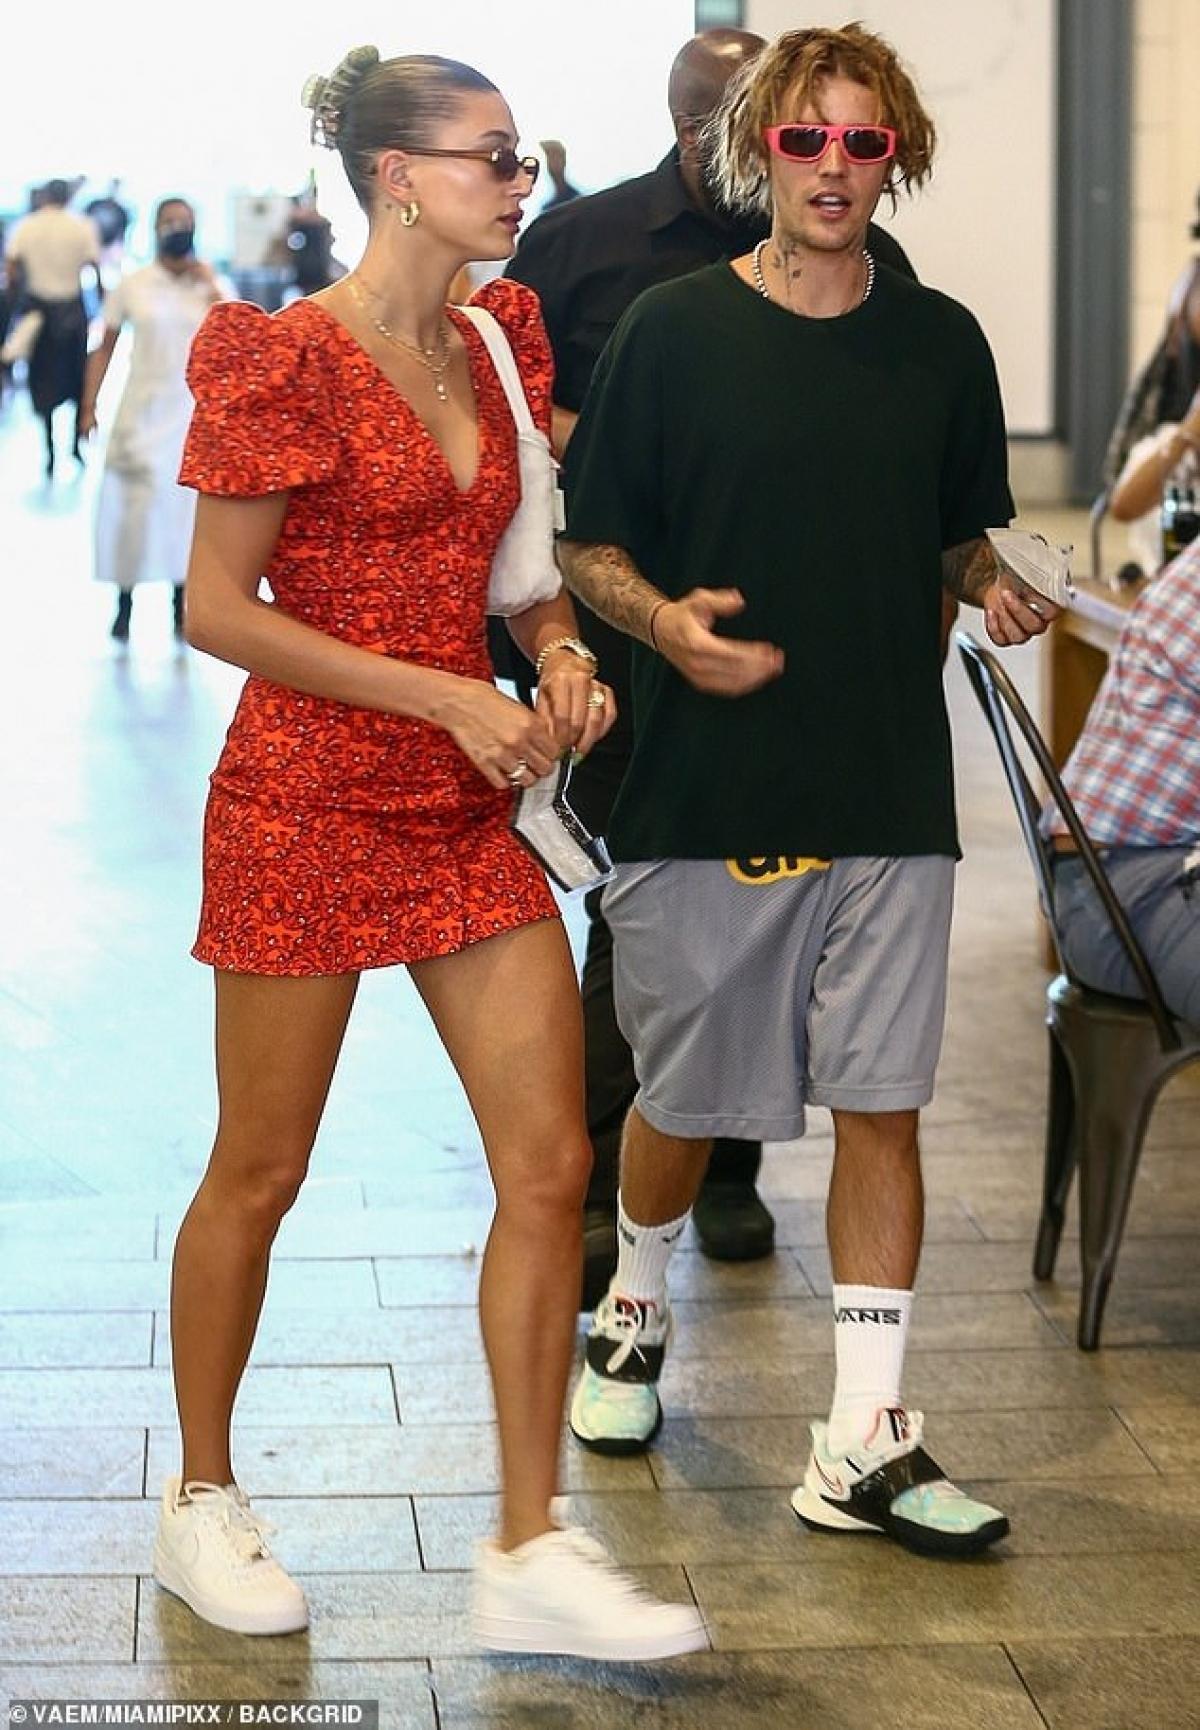 Trong khi đó, Justin vẫn giữ gu thời trang quen thuộc với áo phông và quần shorts từ dòng thời trang Drew của anh.